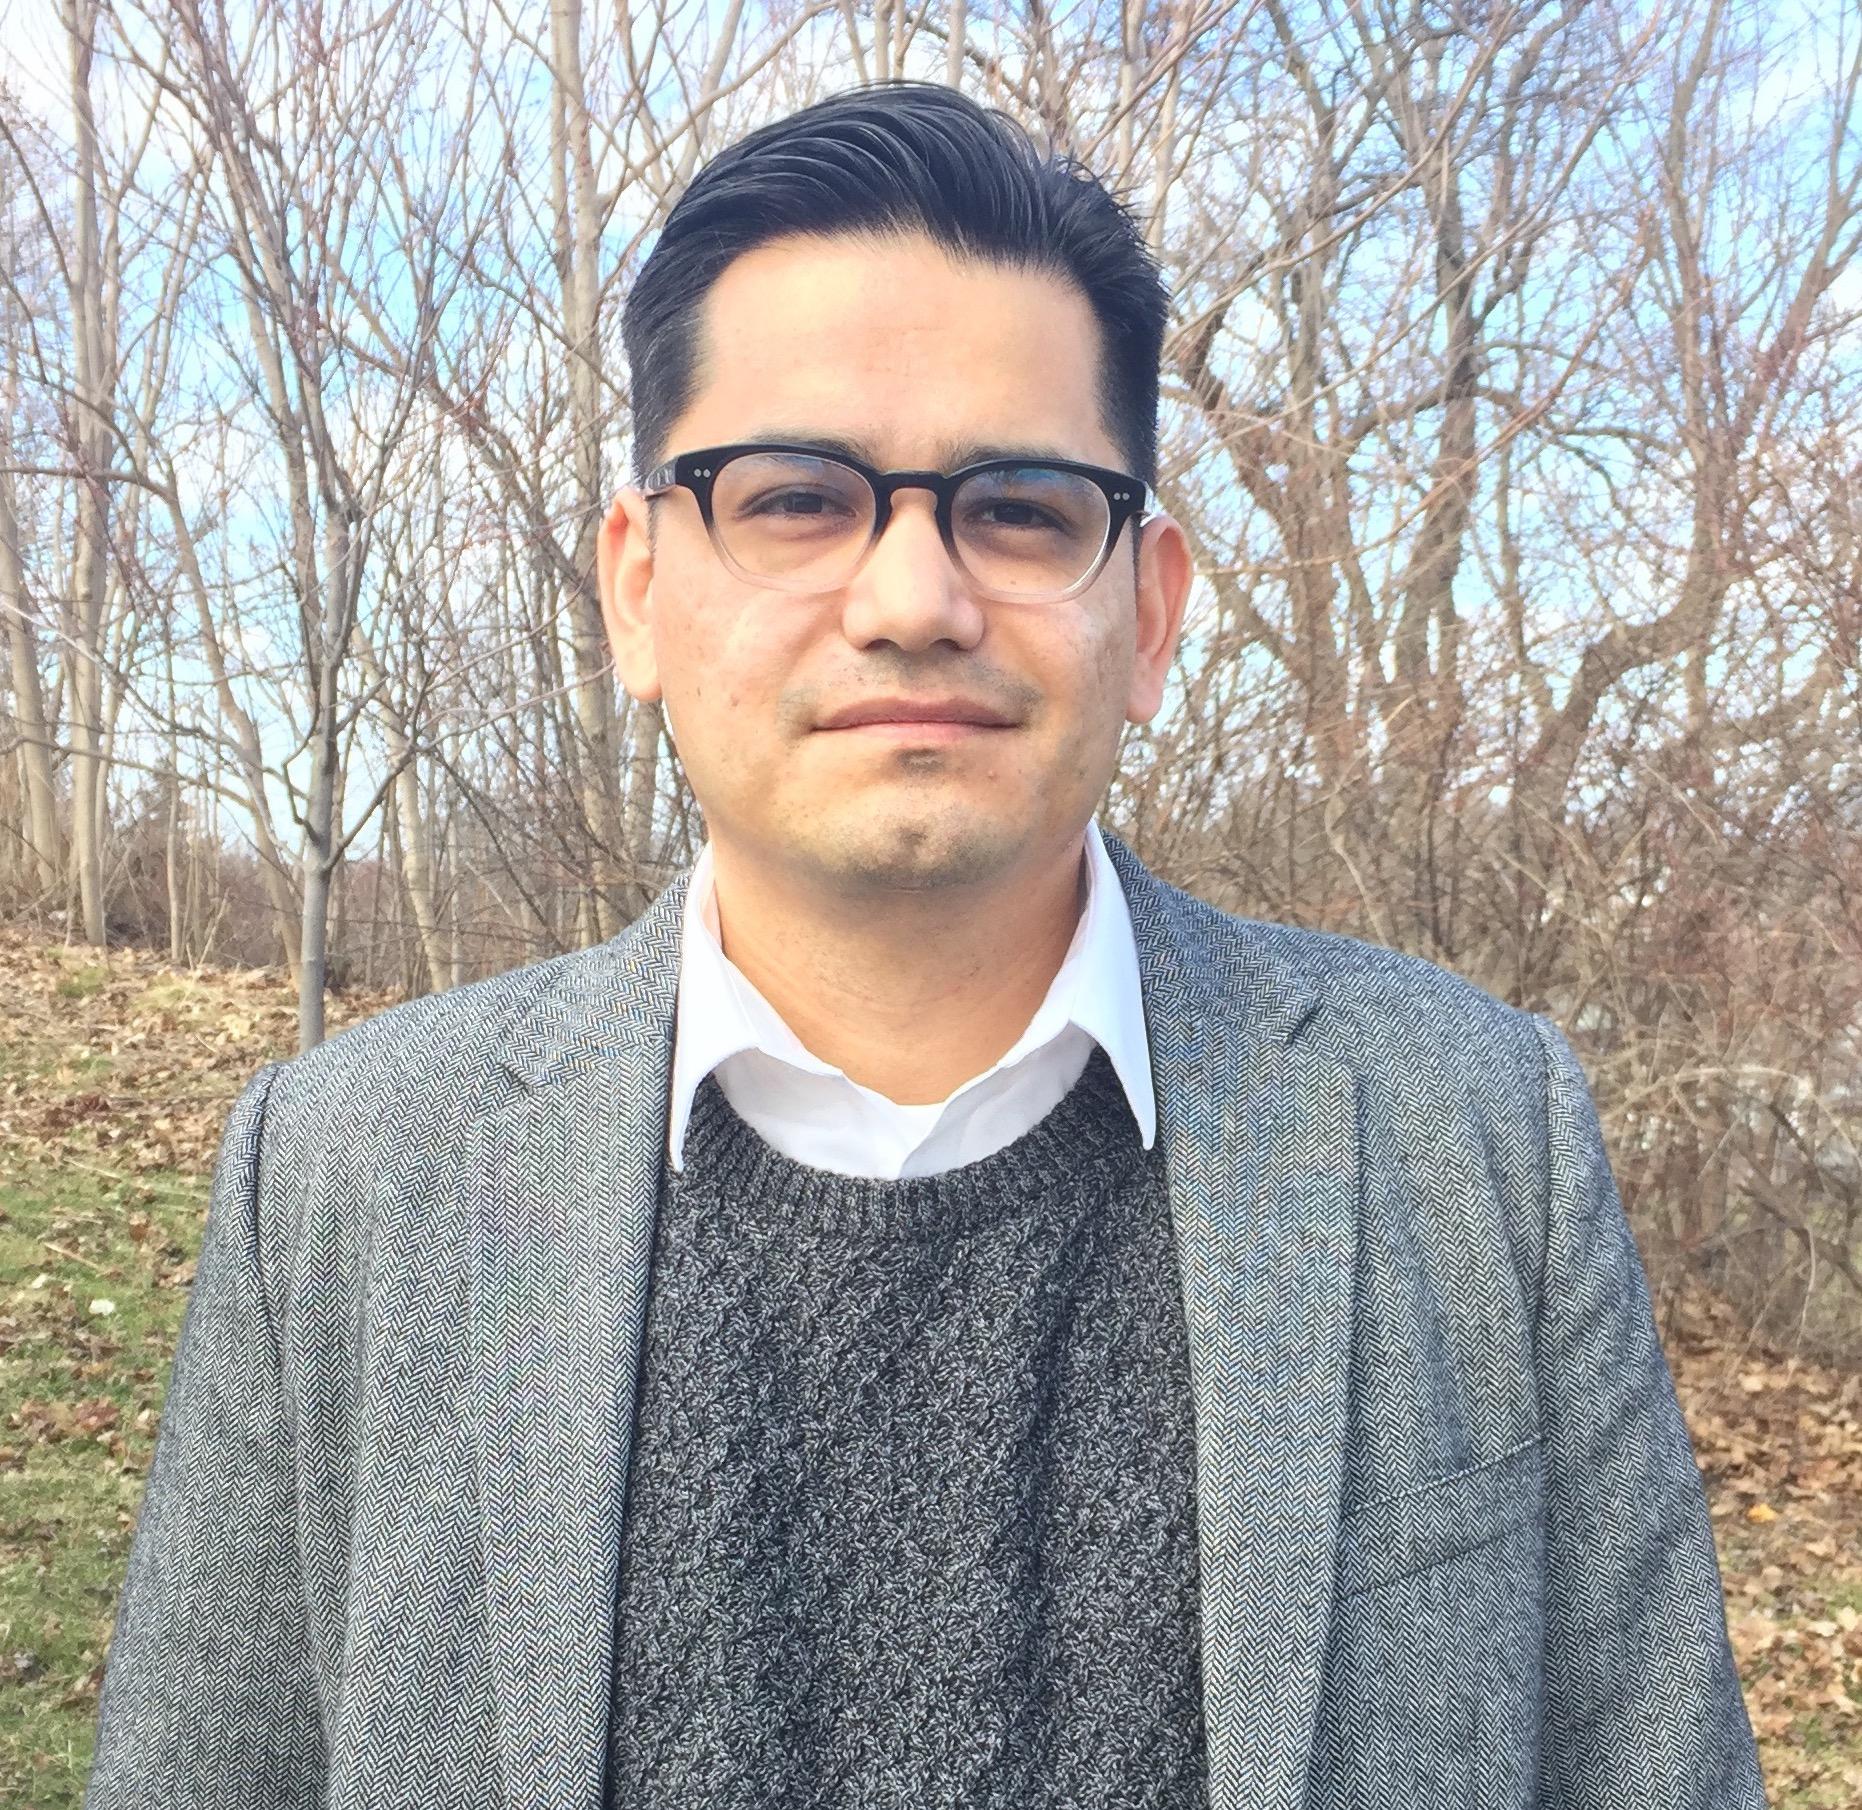 Mario Rios Perez